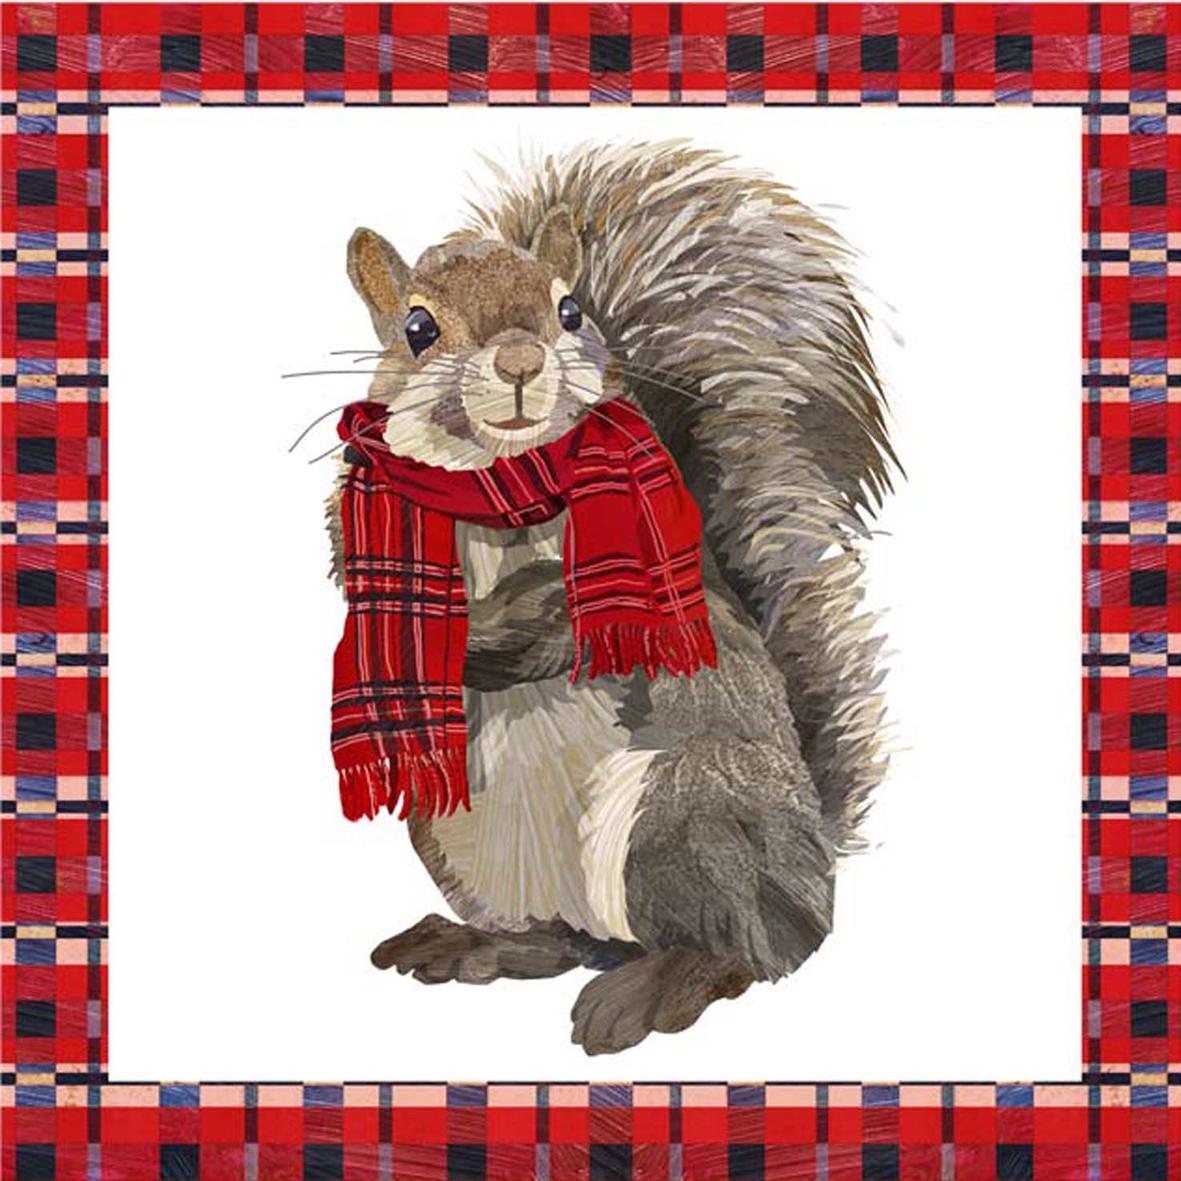 Servietten Weihnachten,  Tiere - Eichhörnchen,  Weihnachten,  lunchservietten,  Eichhörnchen